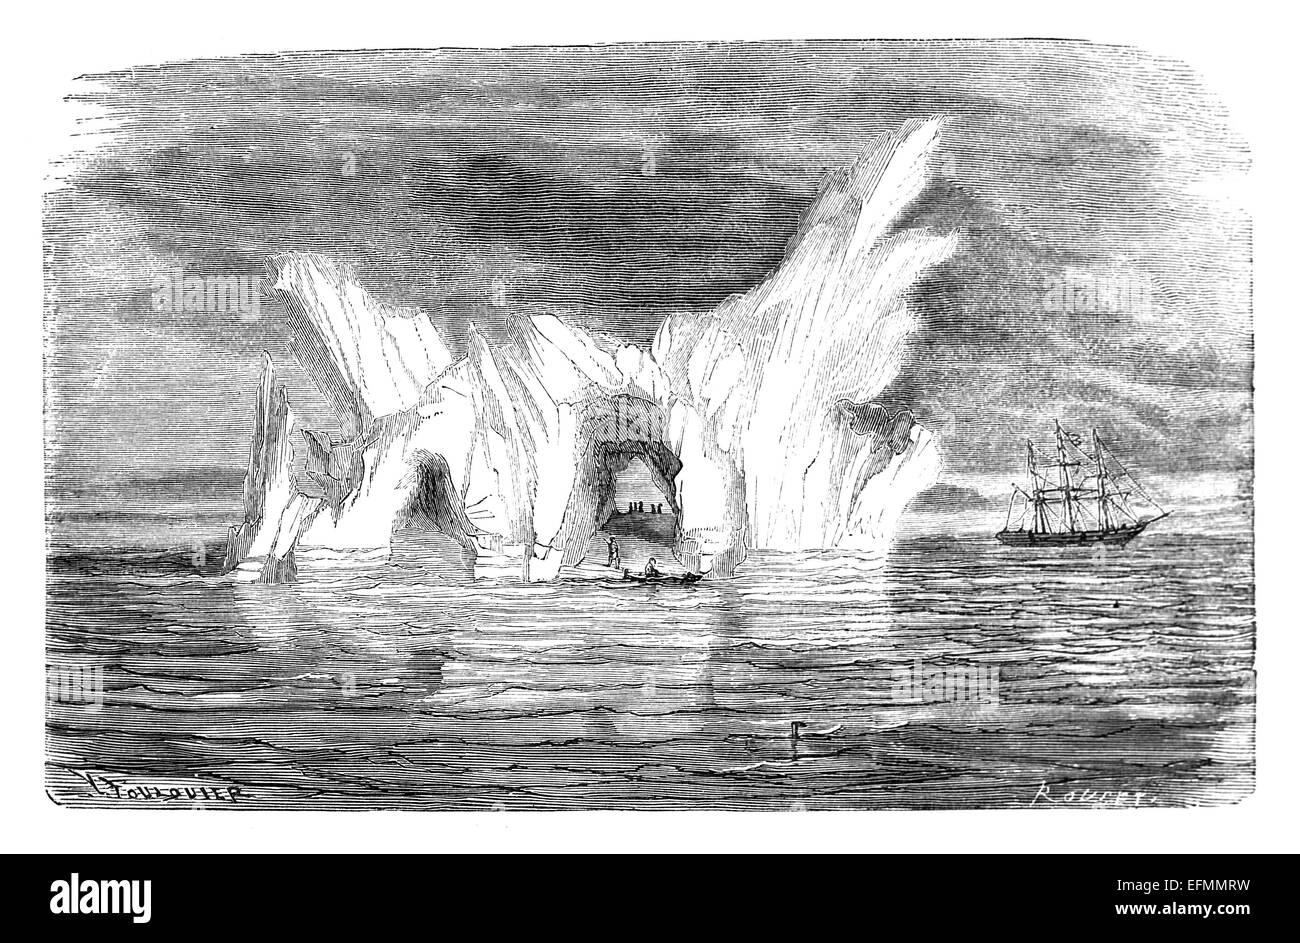 19ème siècle gravure de l'iceberg de l'Antarctique avec la mer et bateau à voile Banque D'Images